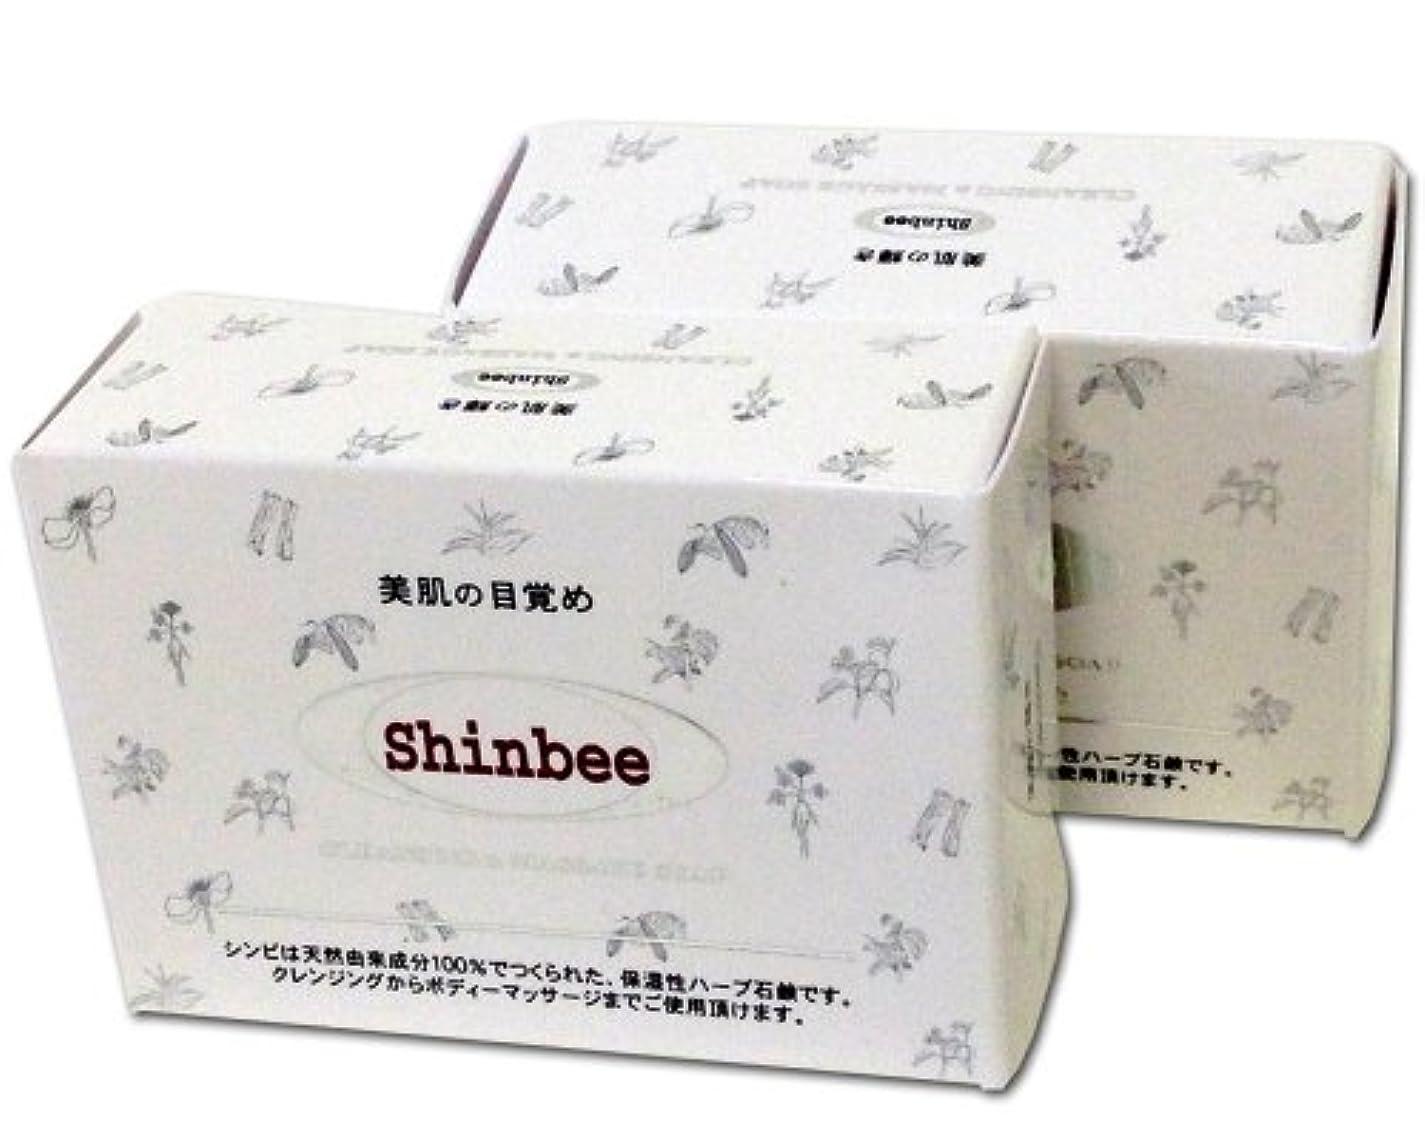 トースト先史時代の影響シンビ韓方ハーブ石鹸 (2個セット)